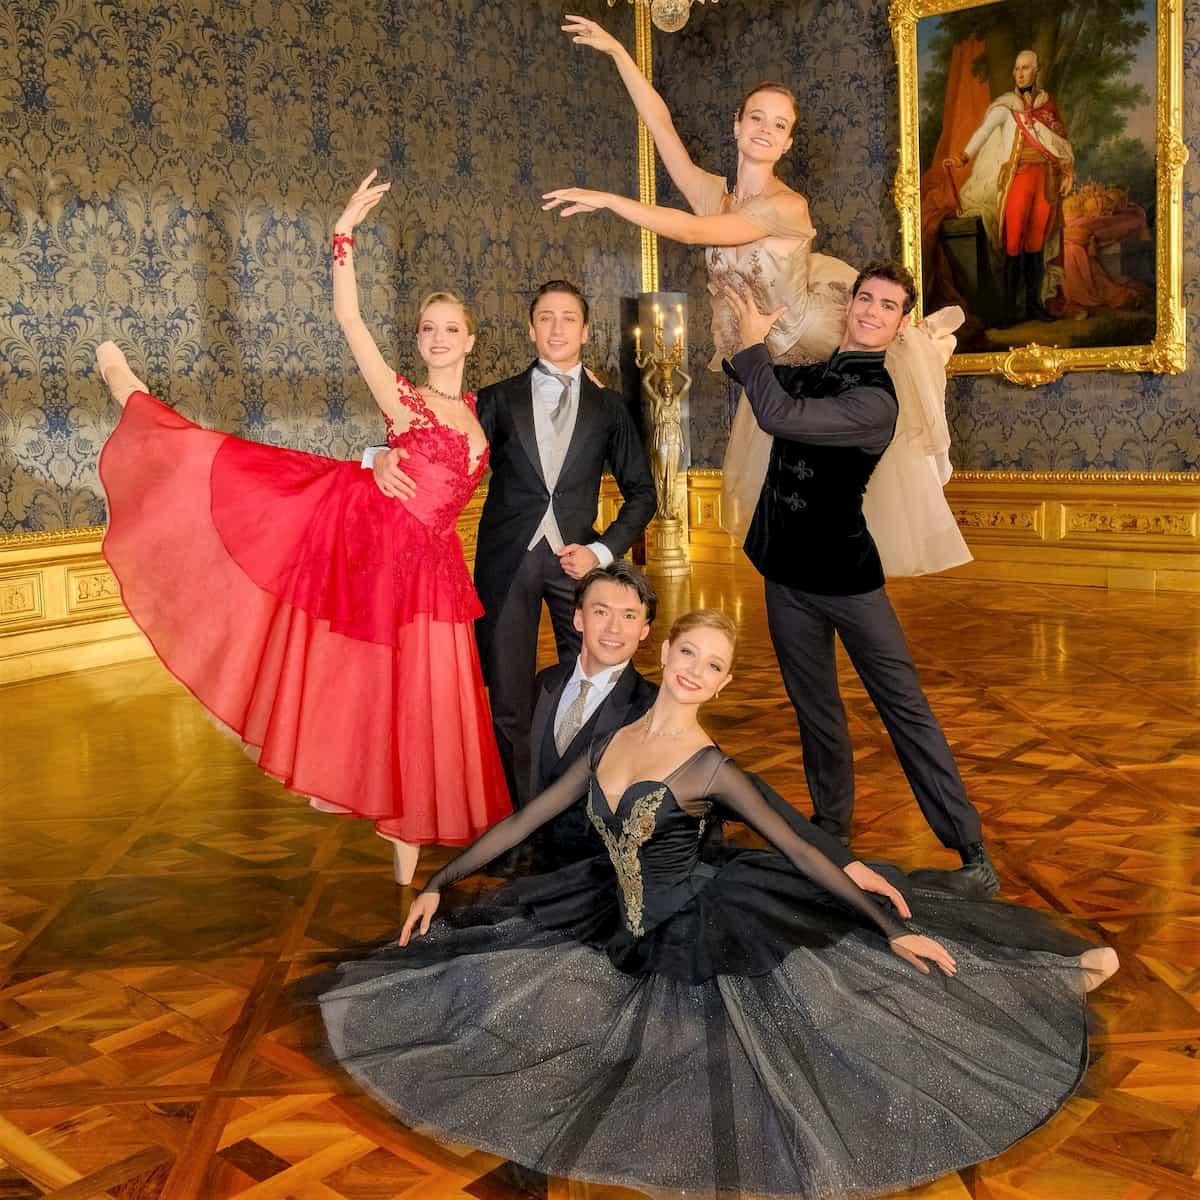 Ballett-Tänzer 2020 Neujahrskonzert Wiener Philharmoniker - Natascha Mair und Denis Cherevychko, Madison Young und Robert Gabdullin, Nina Tonoli und Davide Dato